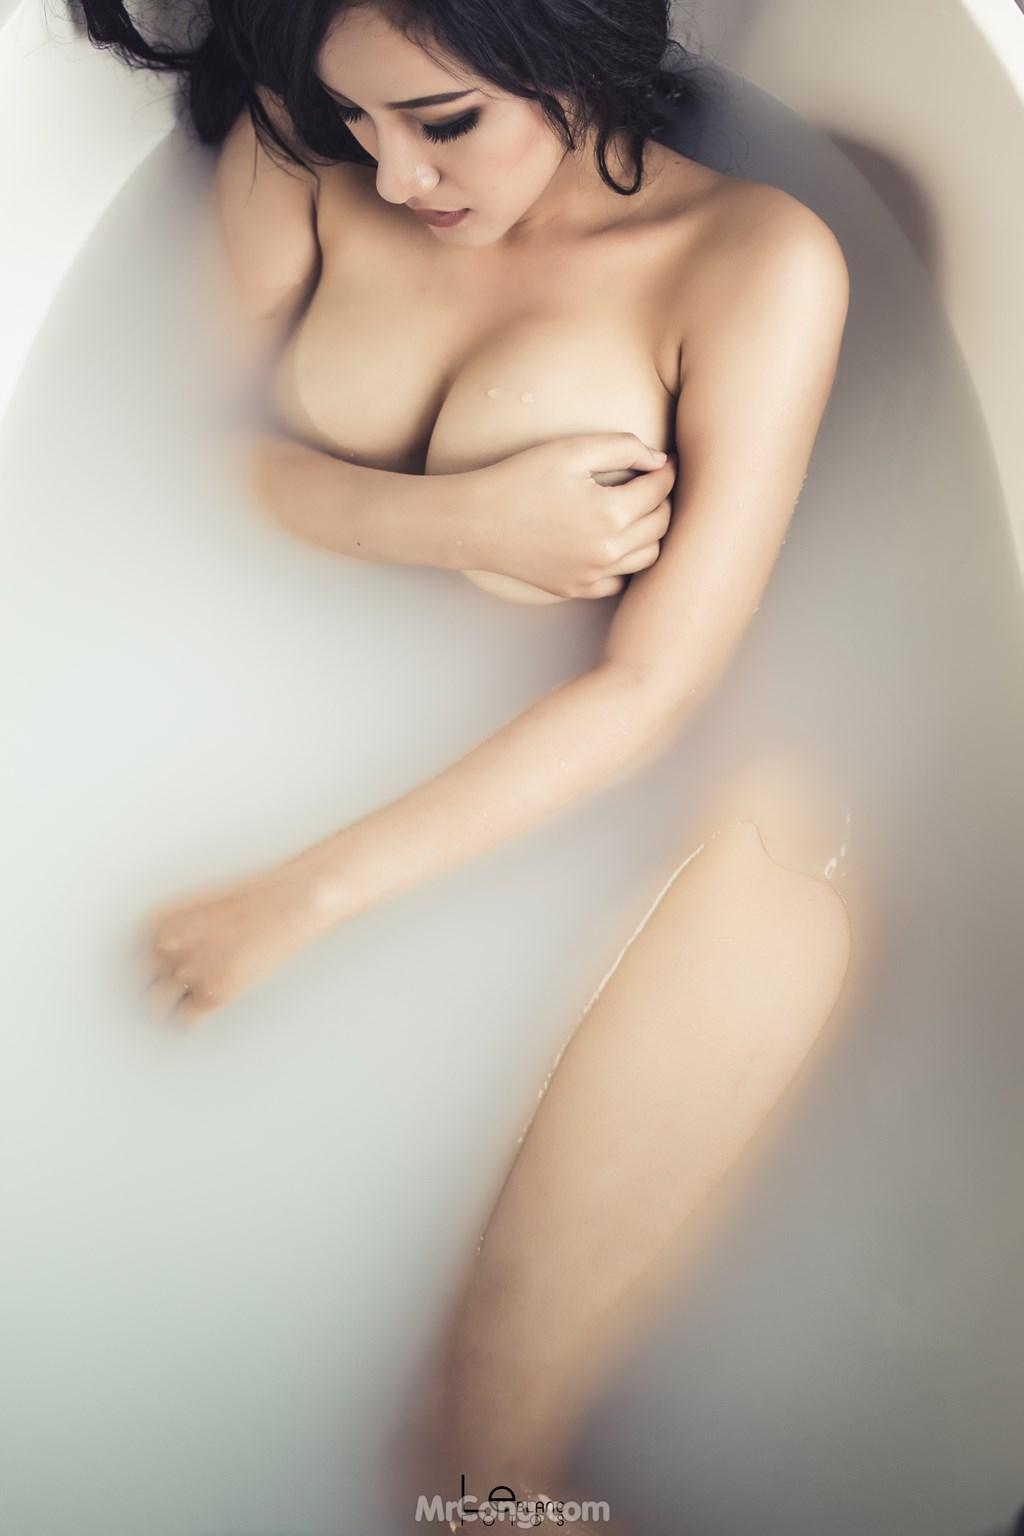 Image Sexy-Vietnamese-Models-by-Le-Blanc-Studio-Phan-3-MrCong.com-012 in post Những bức ảnh nội y, bikini siêu nóng bỏng của Le Blanc Studio – Phần 3 (446 ảnh)